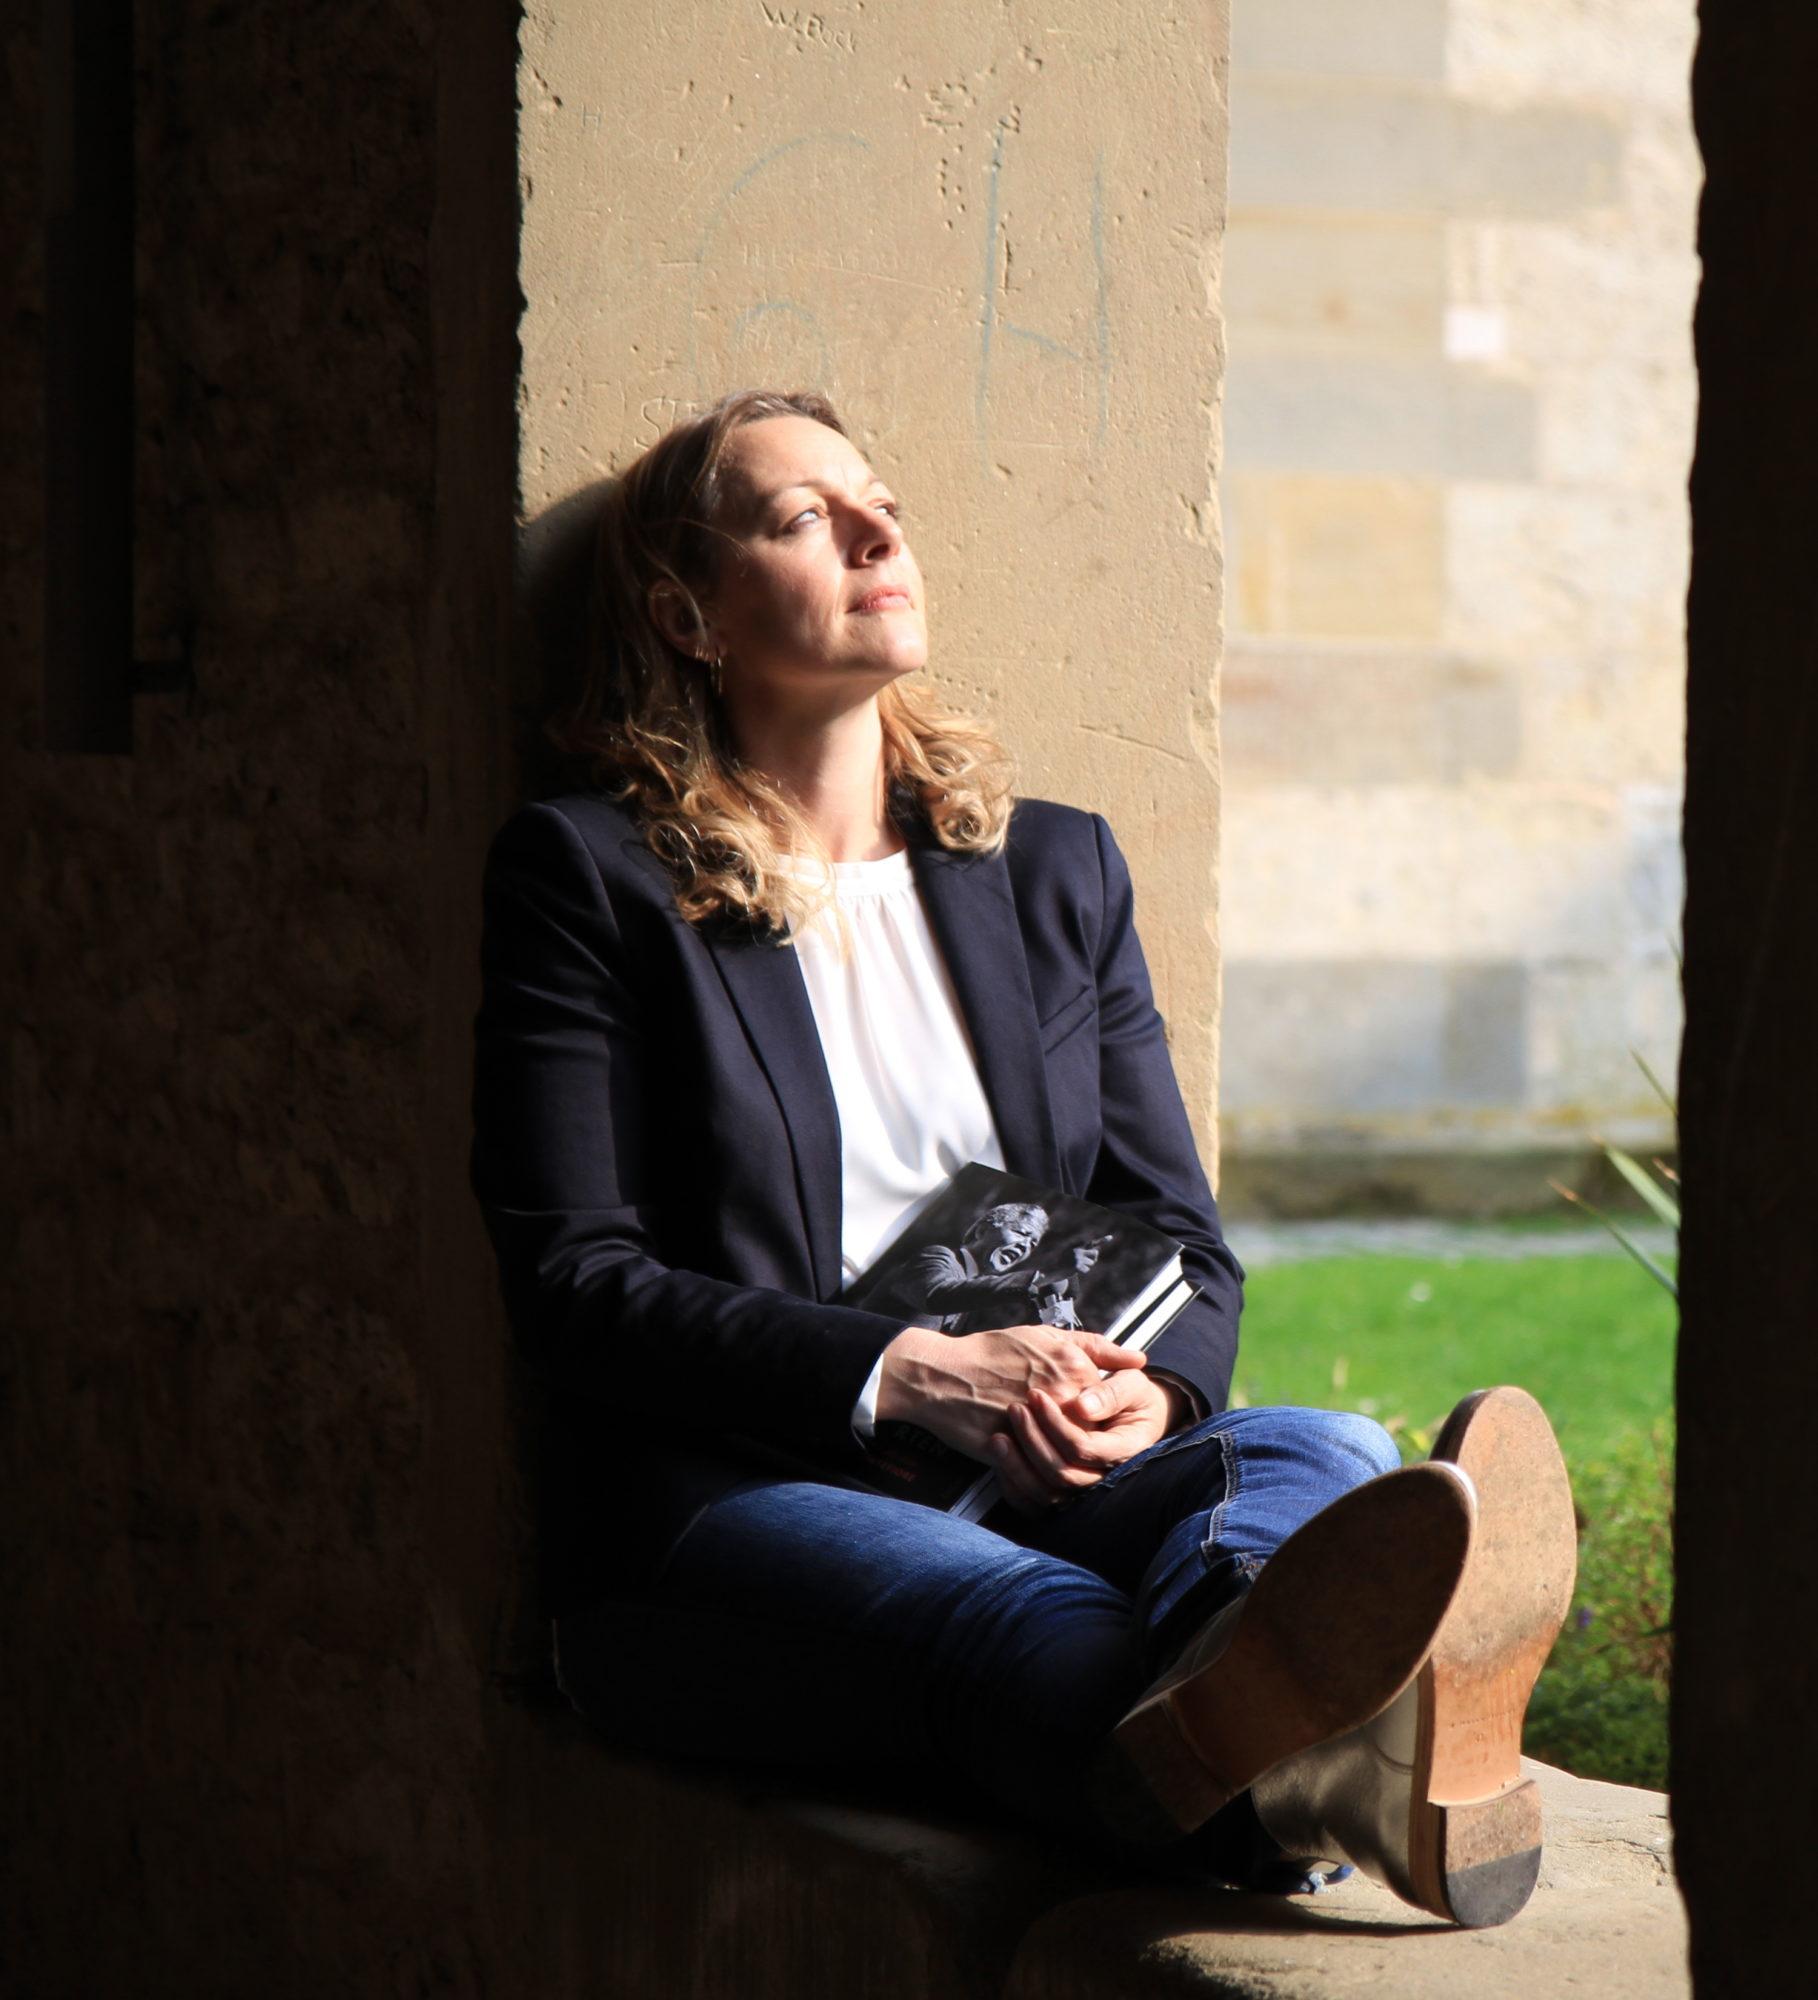 Martina Maria Reichert: Coach, Künstlerin, Friedensaktivistin  - WHO INSPIRES ME